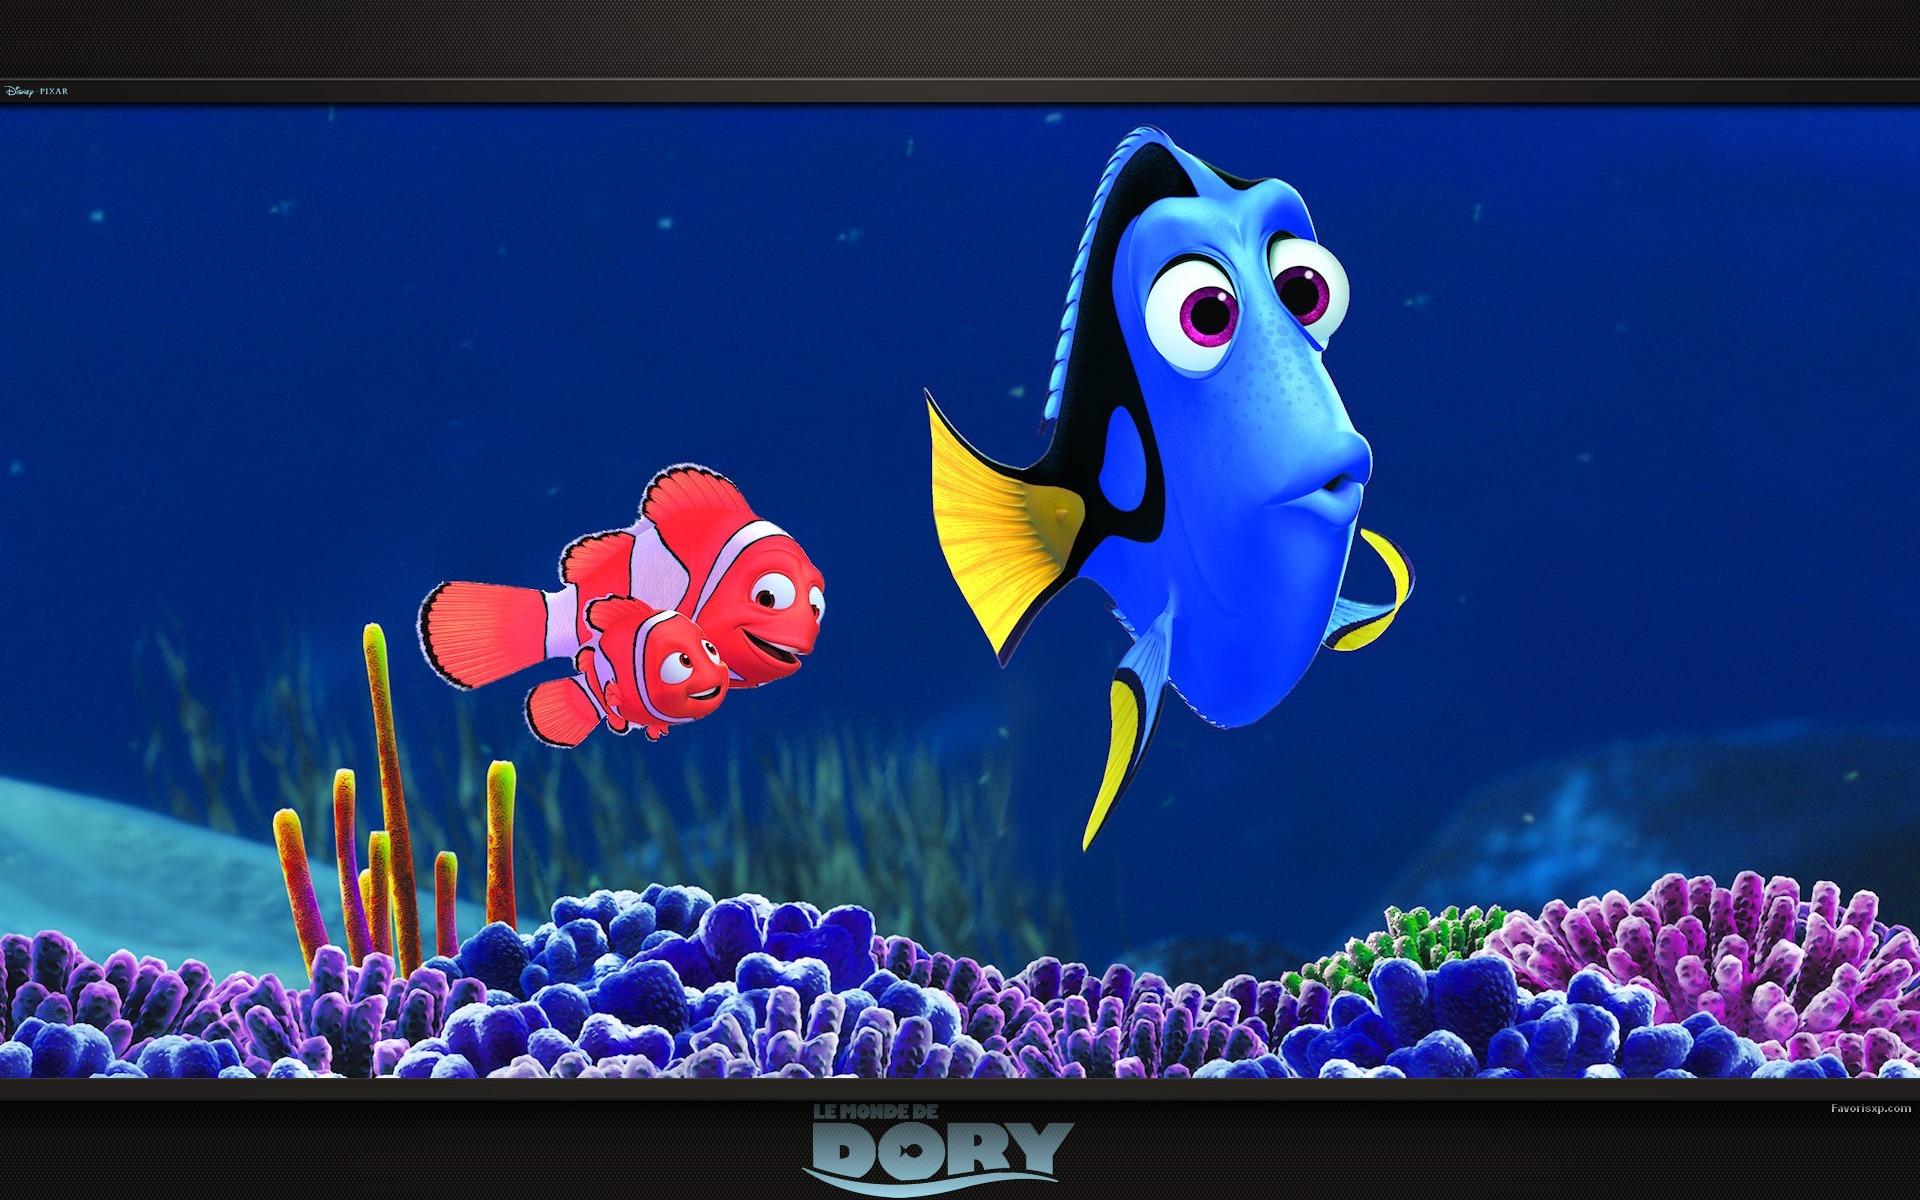 Fonds d 39 cran du monde de dory images disney pixar for Fond ecran monde